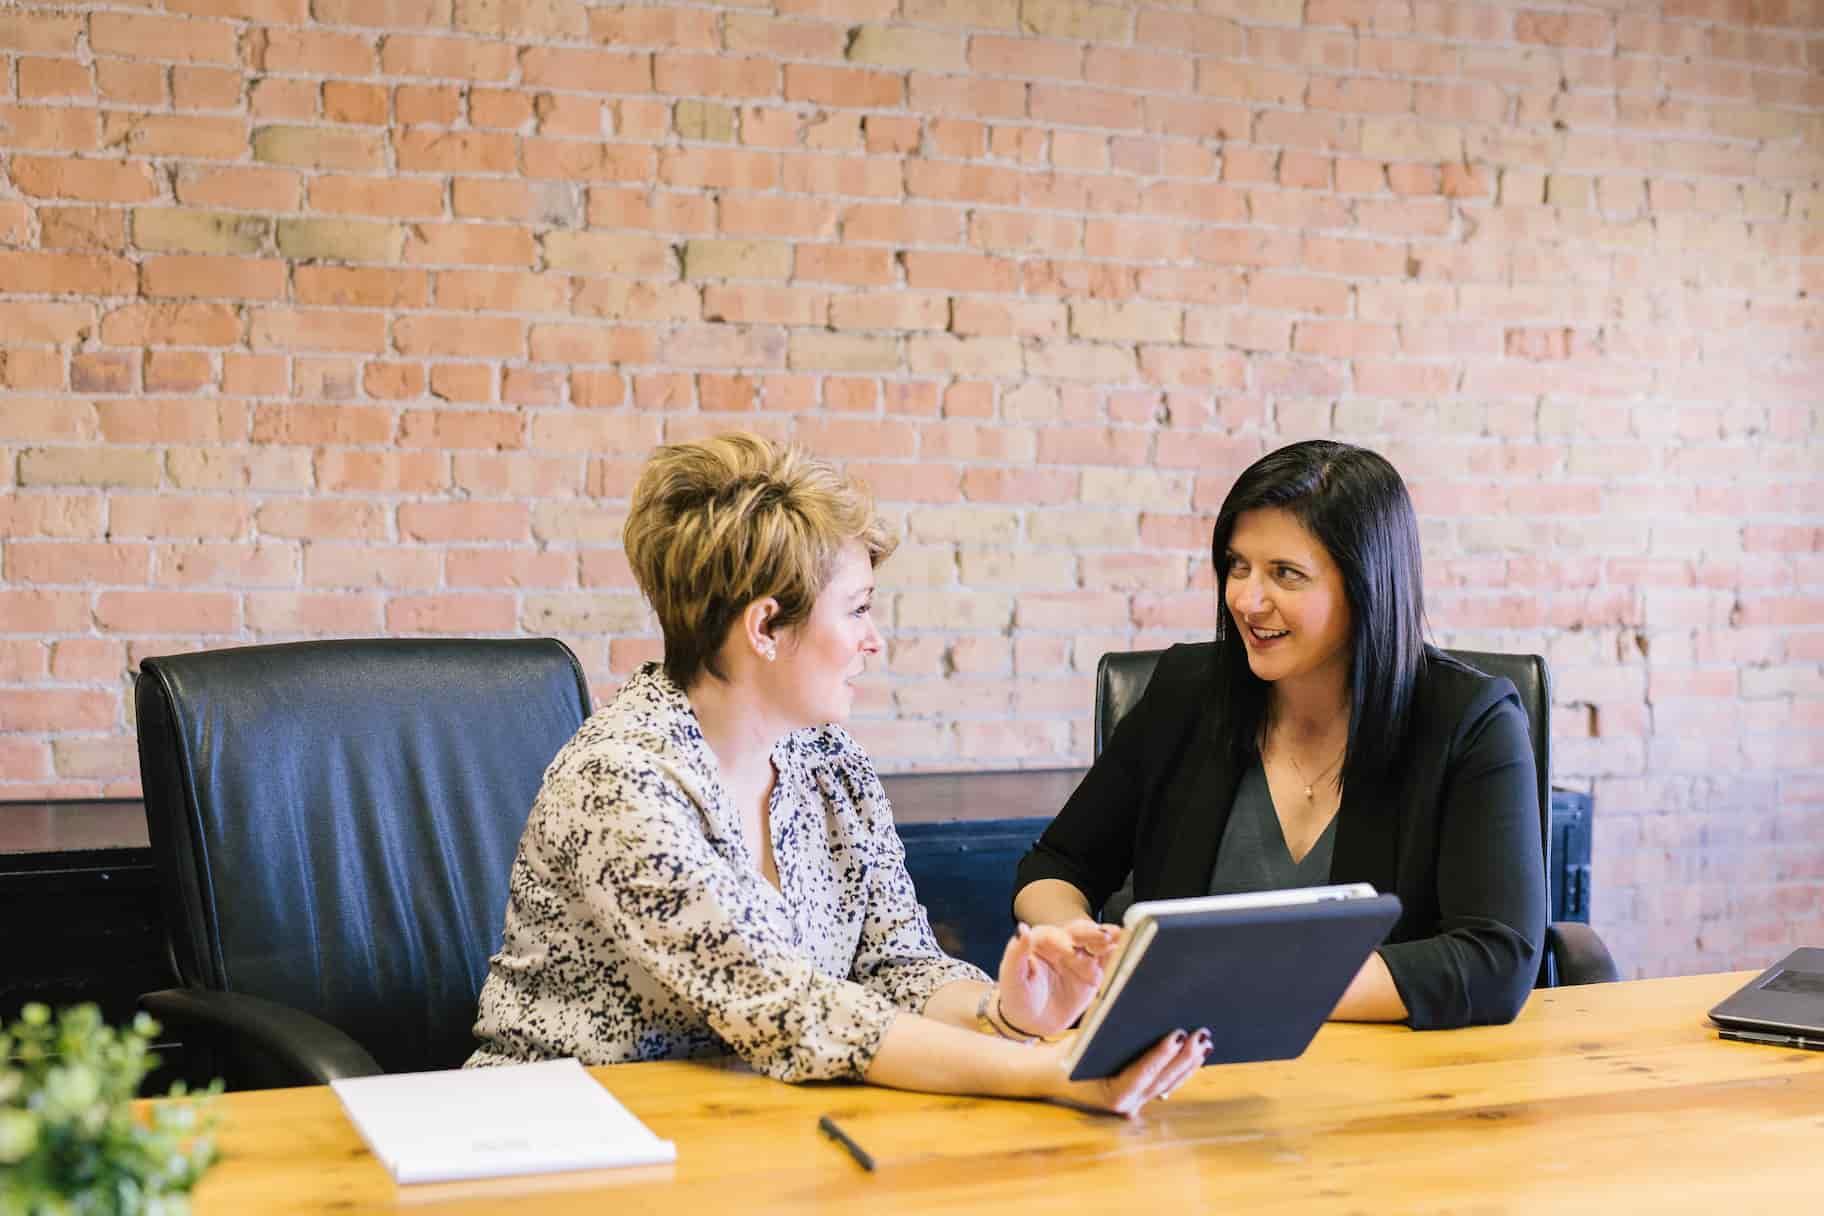 Conoce los servicios que ofrece una consultoría de recursos humanos